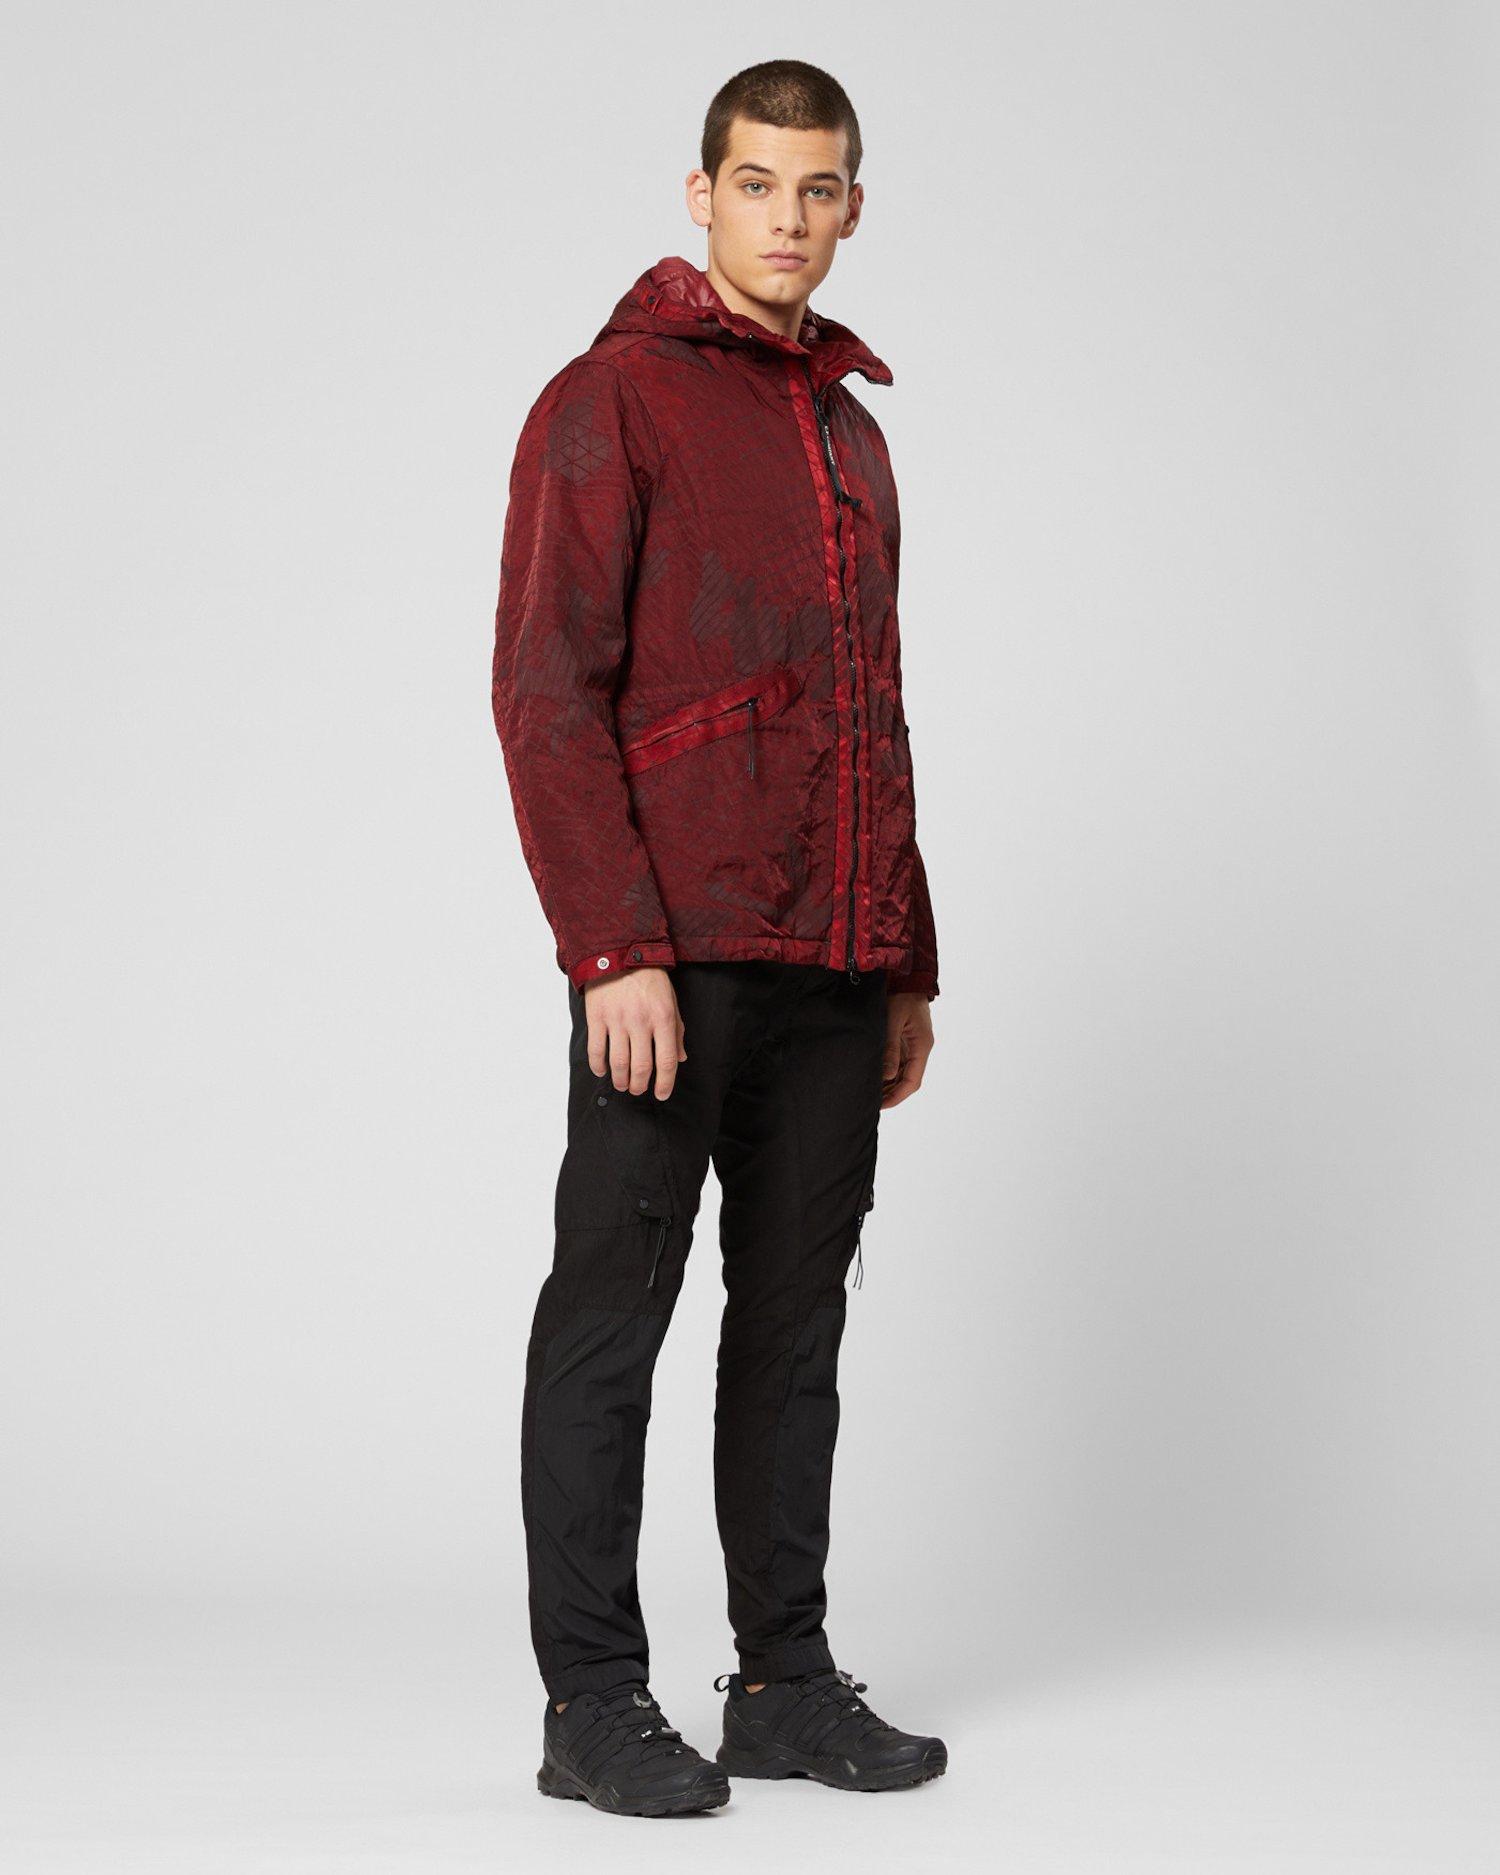 Mittellange M-Bossed Jacke